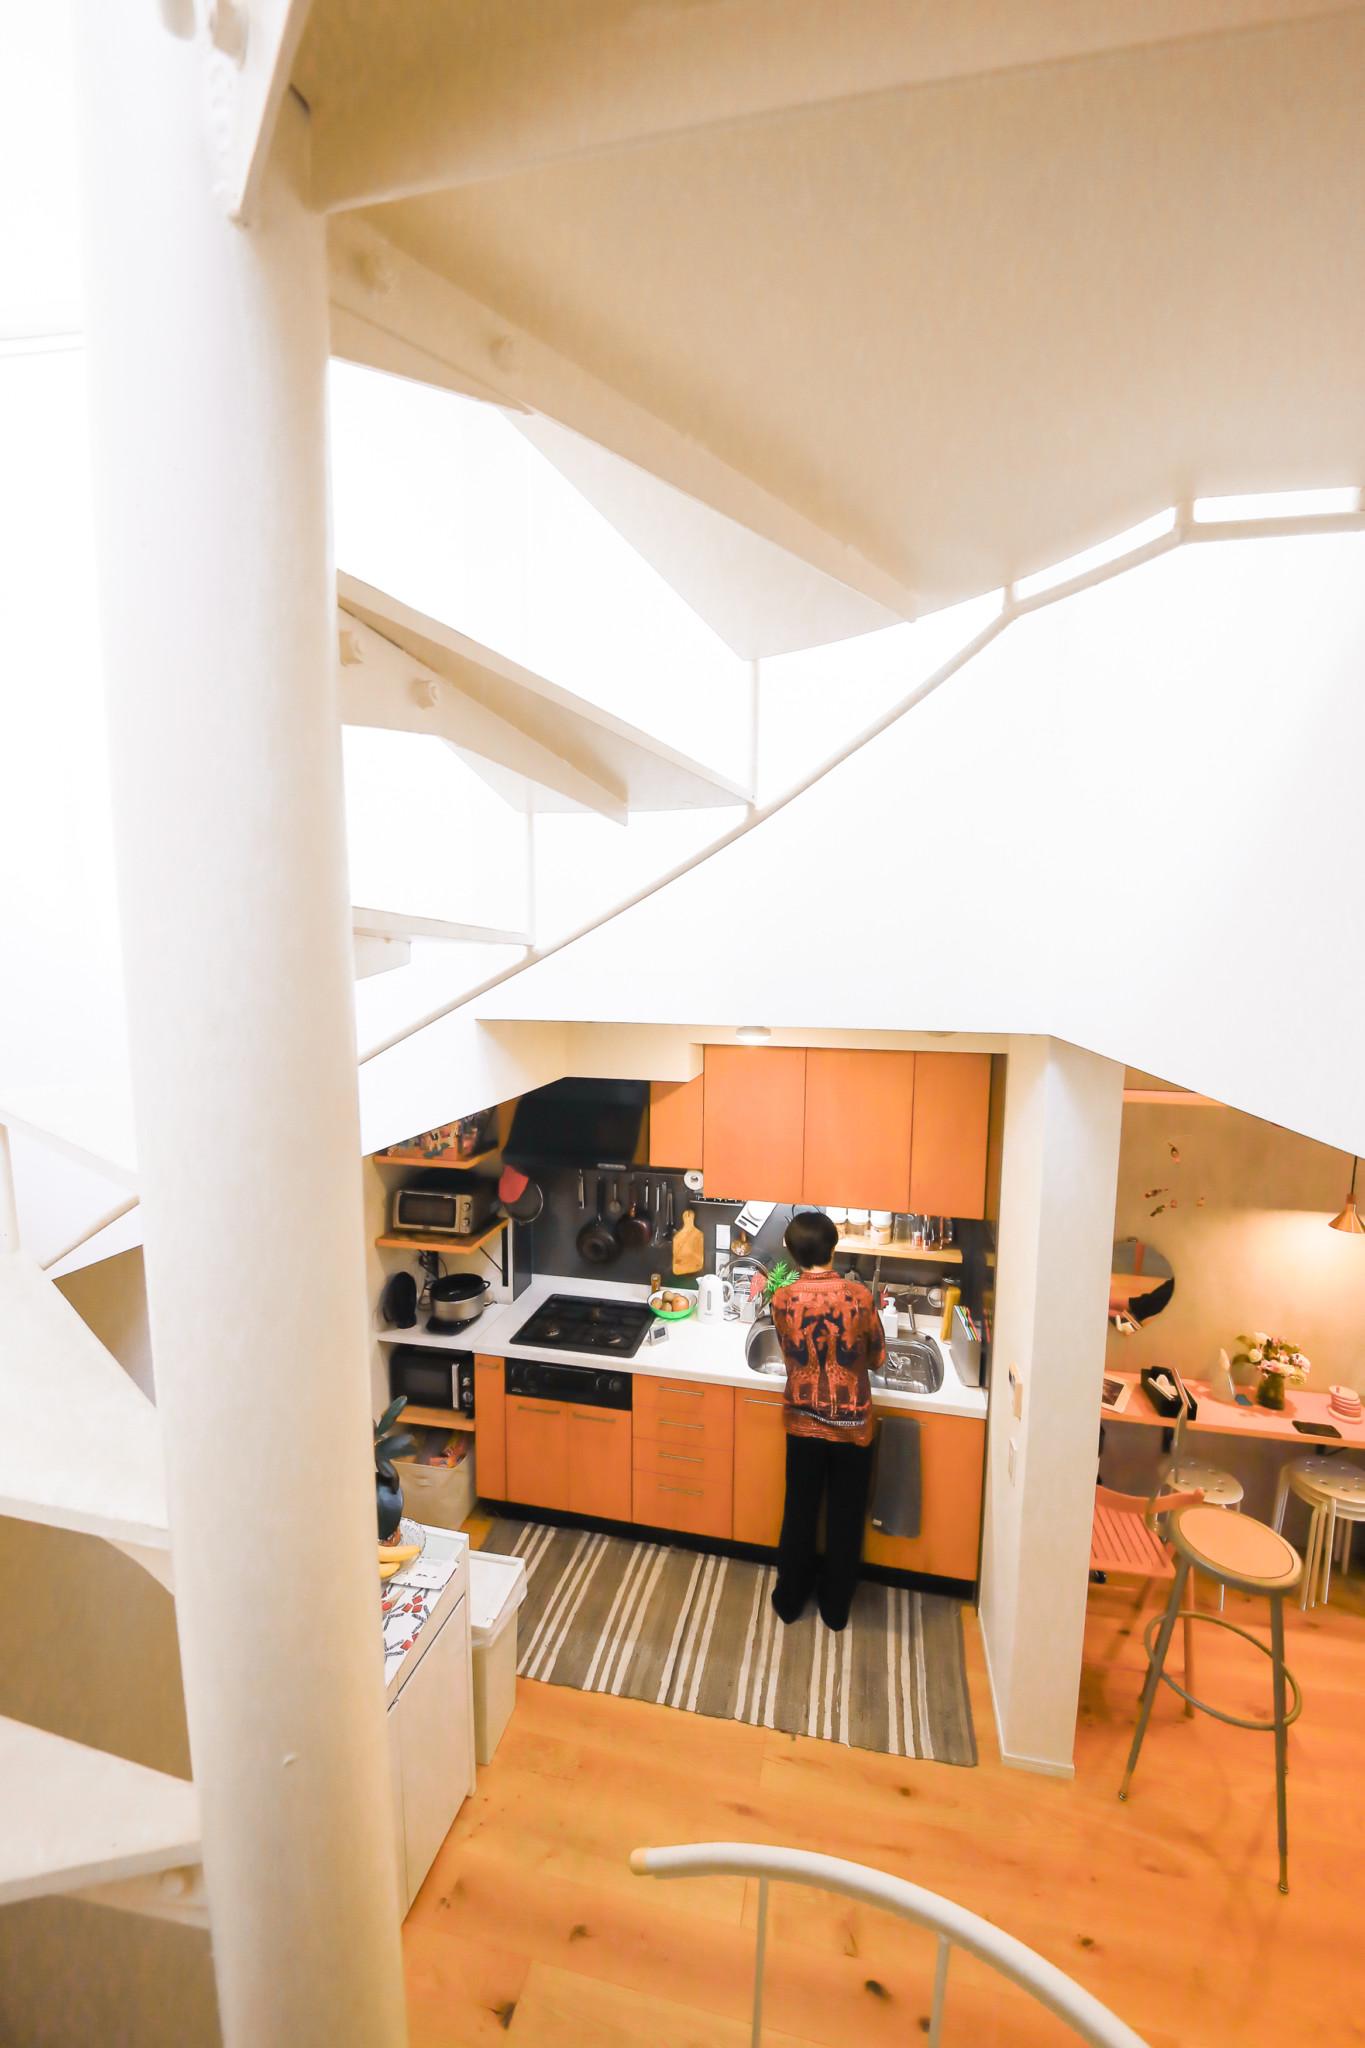 目線が変わる螺旋階段は、立体的に部屋を楽しめるツールでもある。